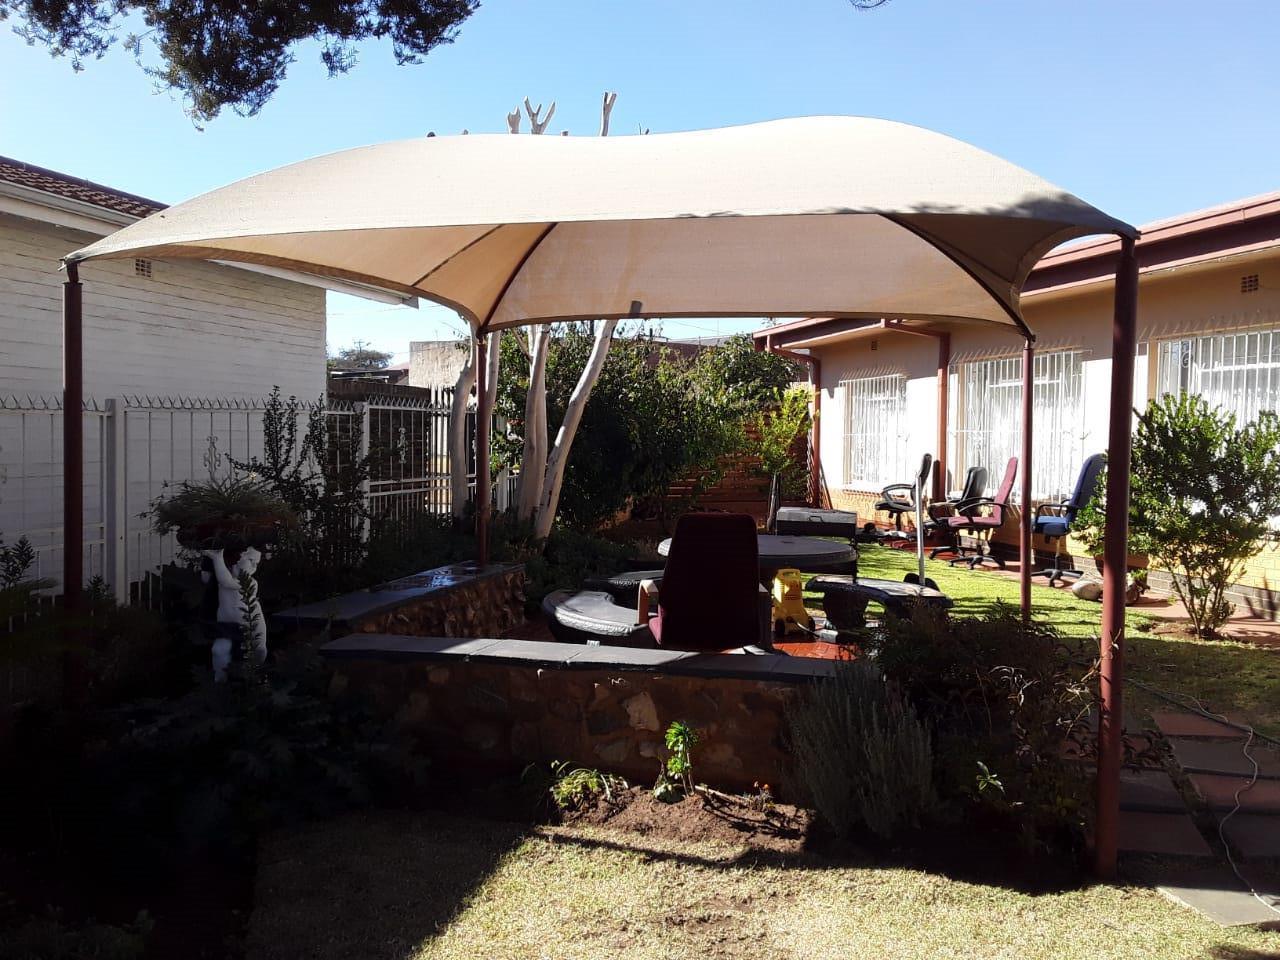 shade ports and shade netting